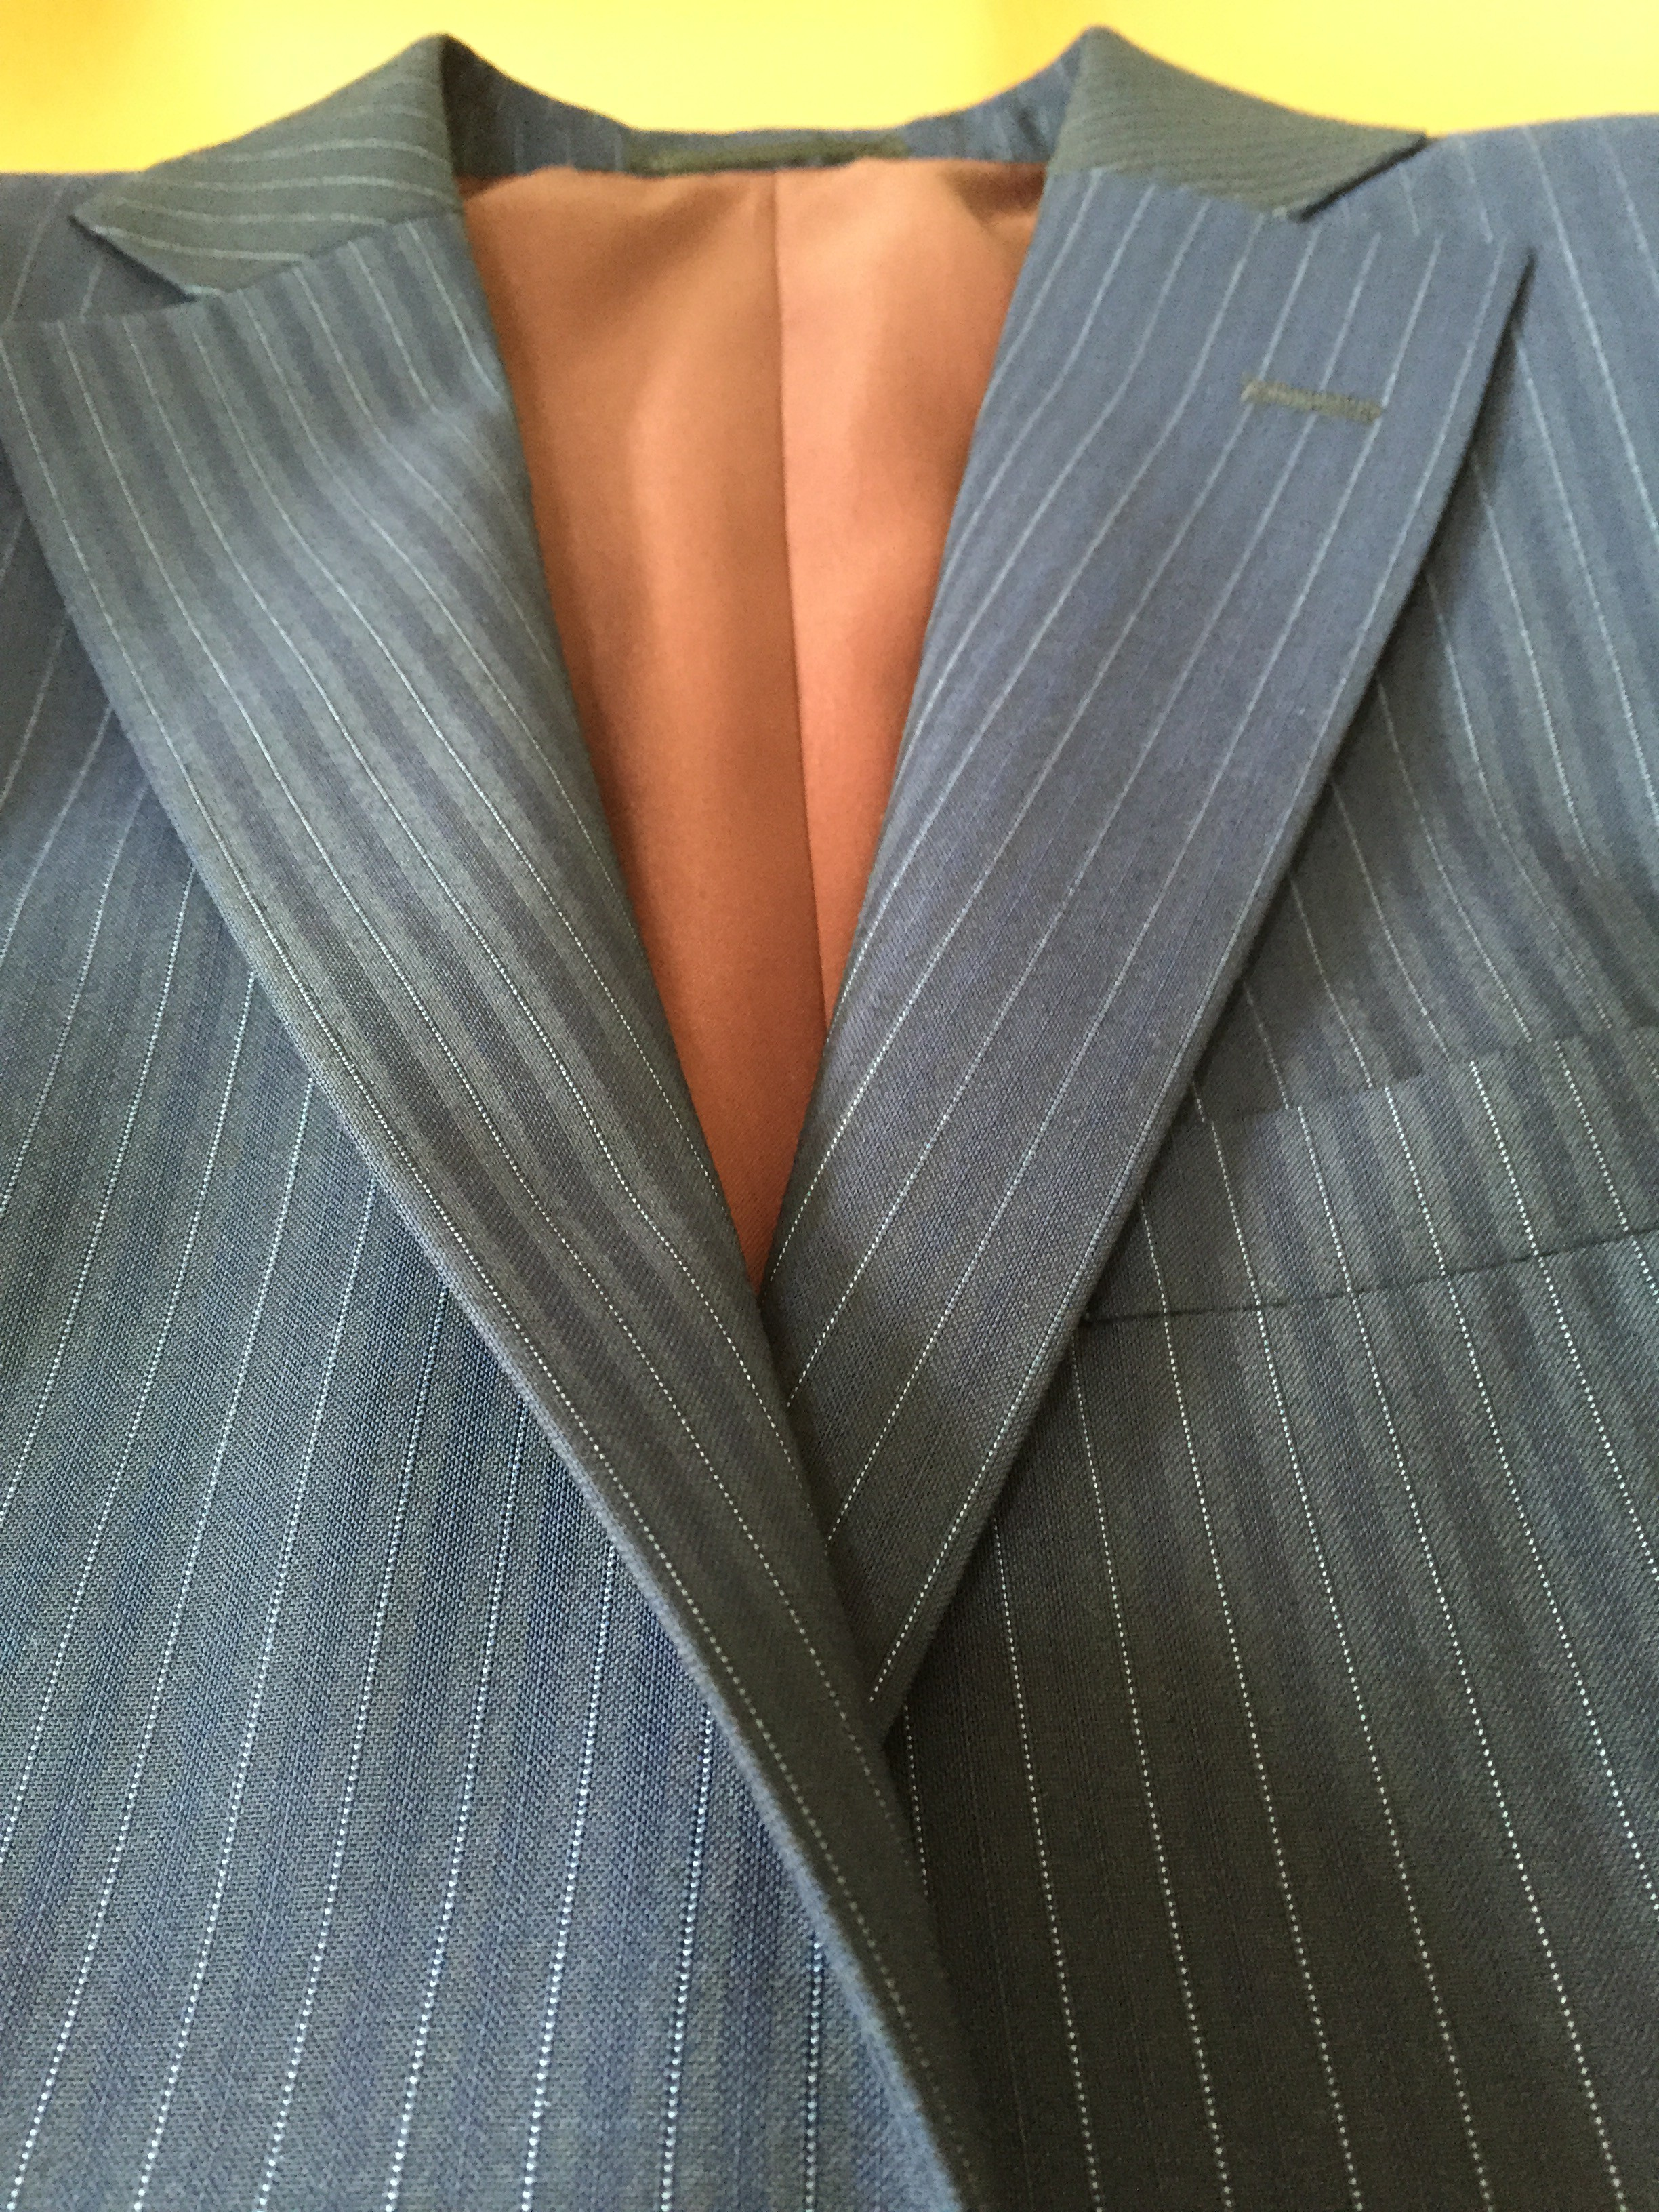 スーツのパーツの名前を覚えておきましょう